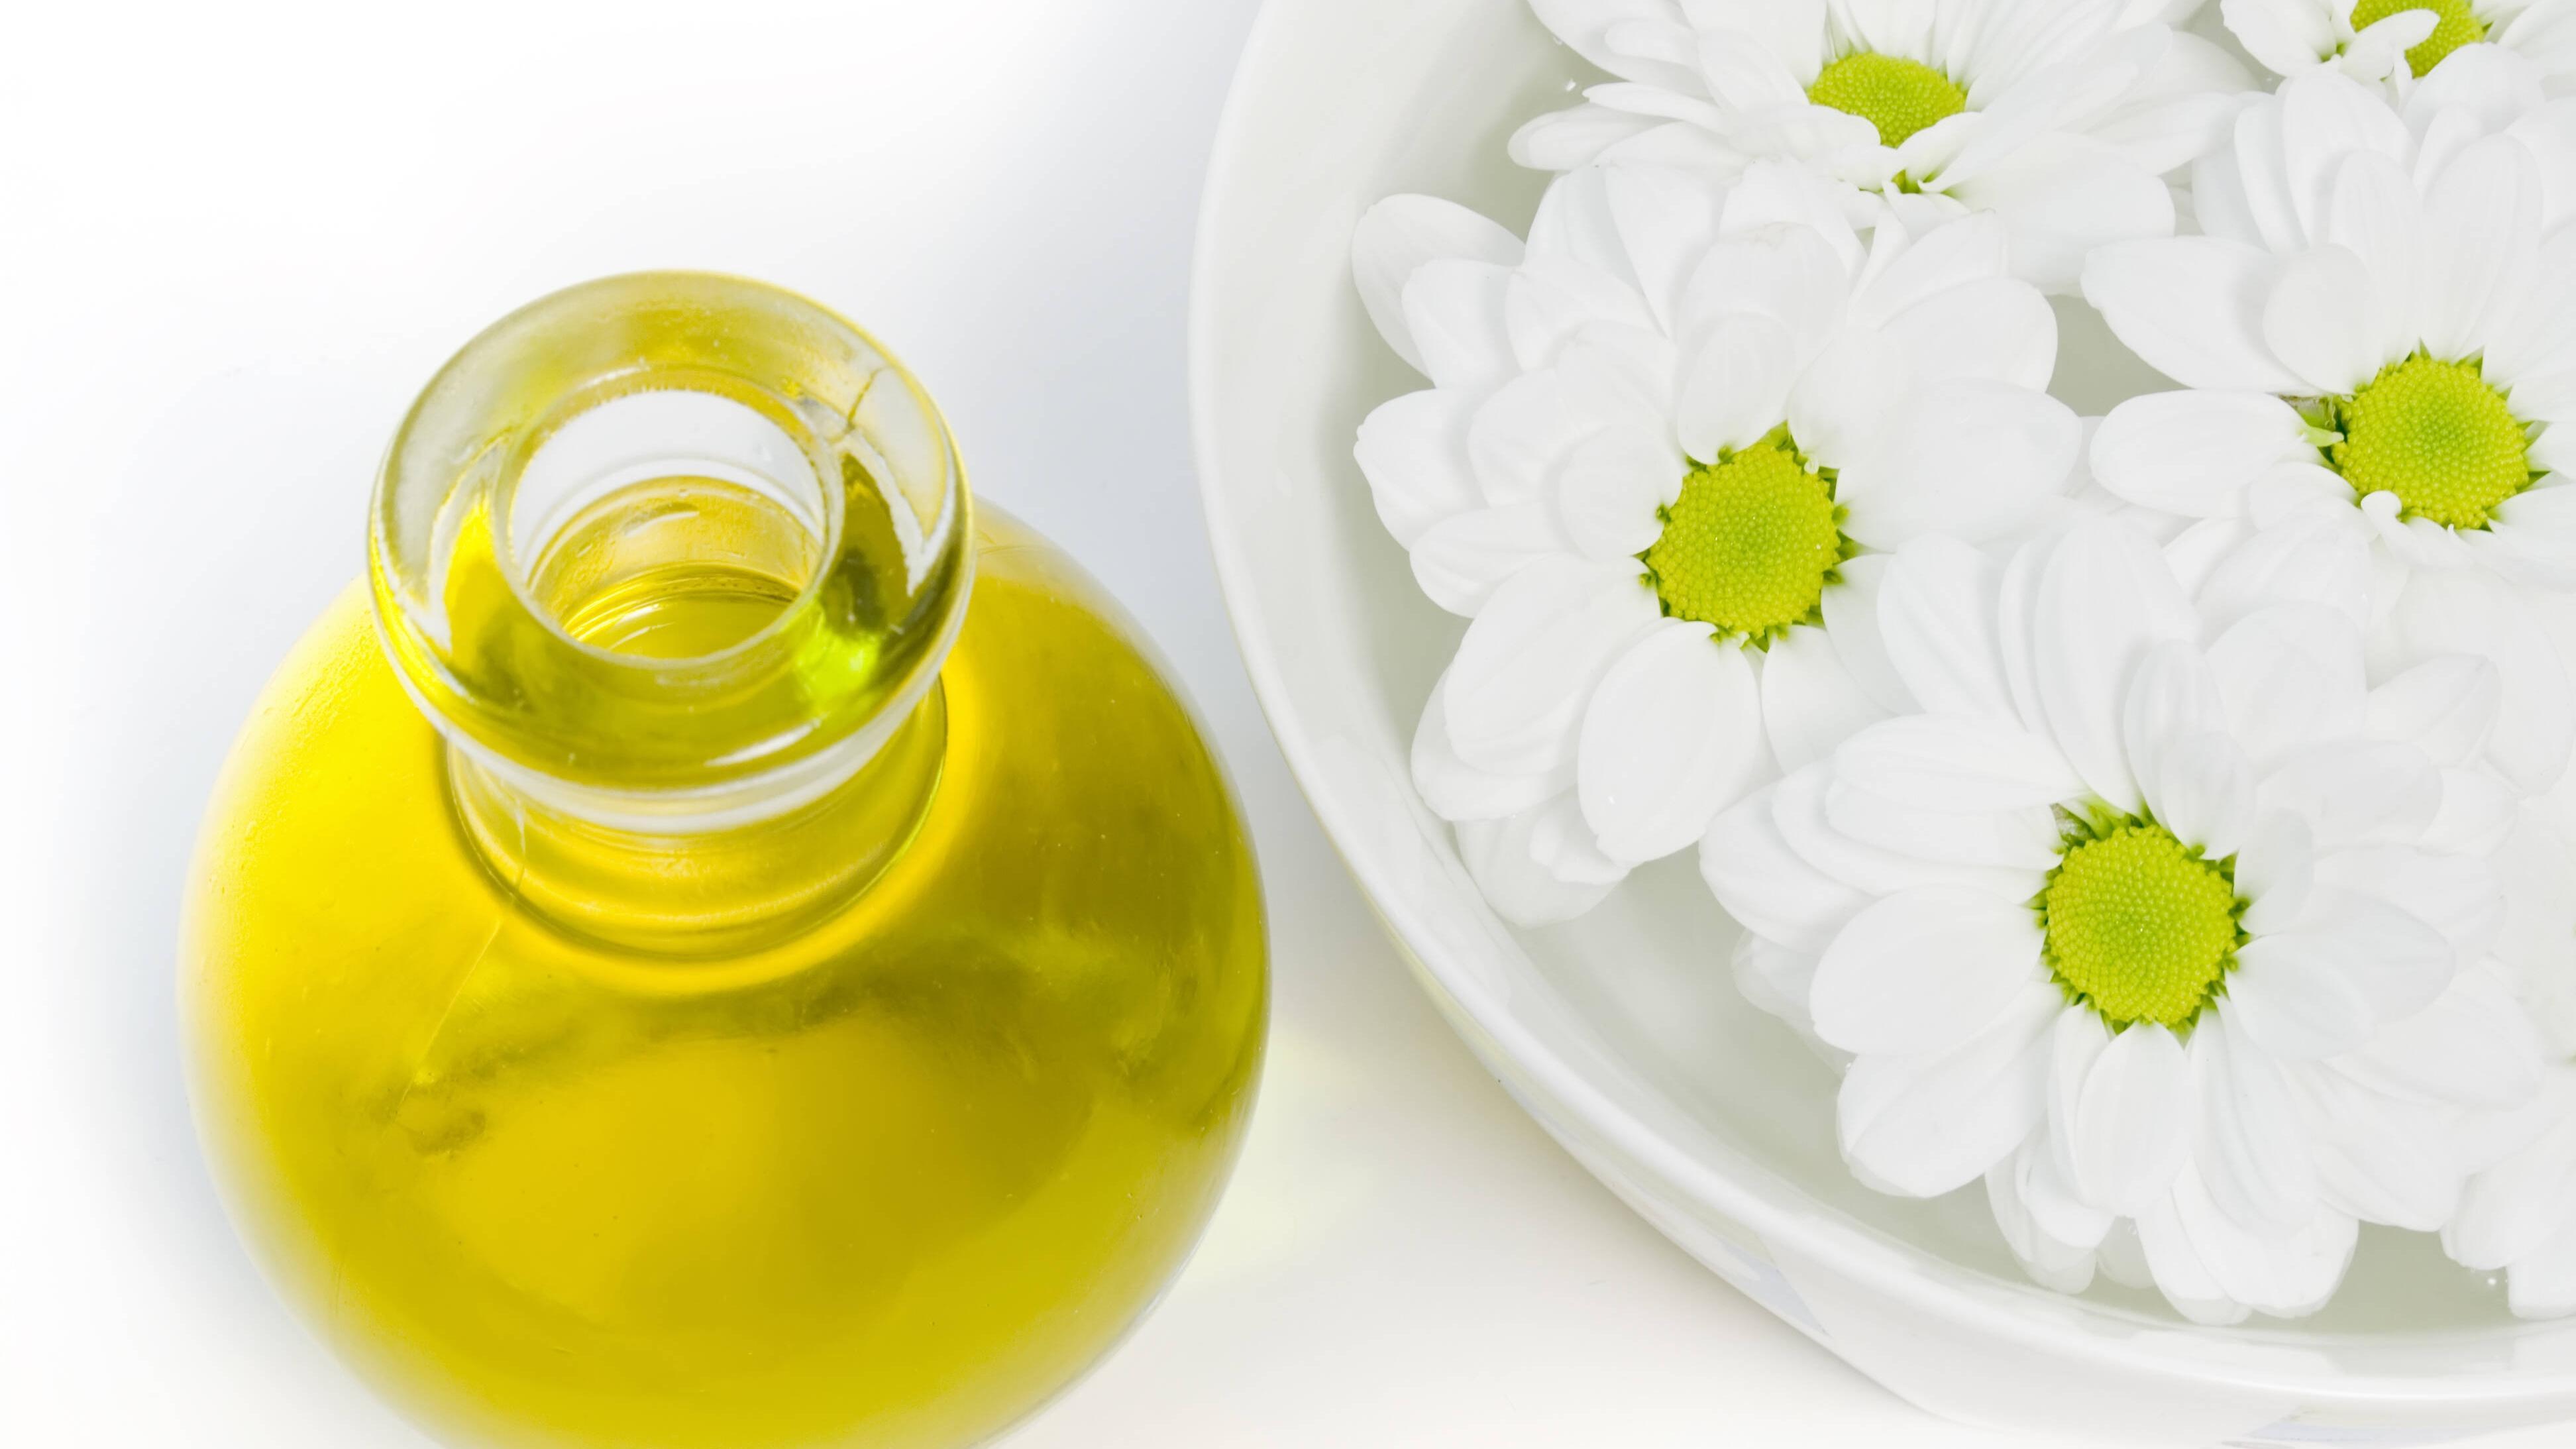 Gänseblümchenöl: So stellen Sie es selbst her und pflegen damit die Haut